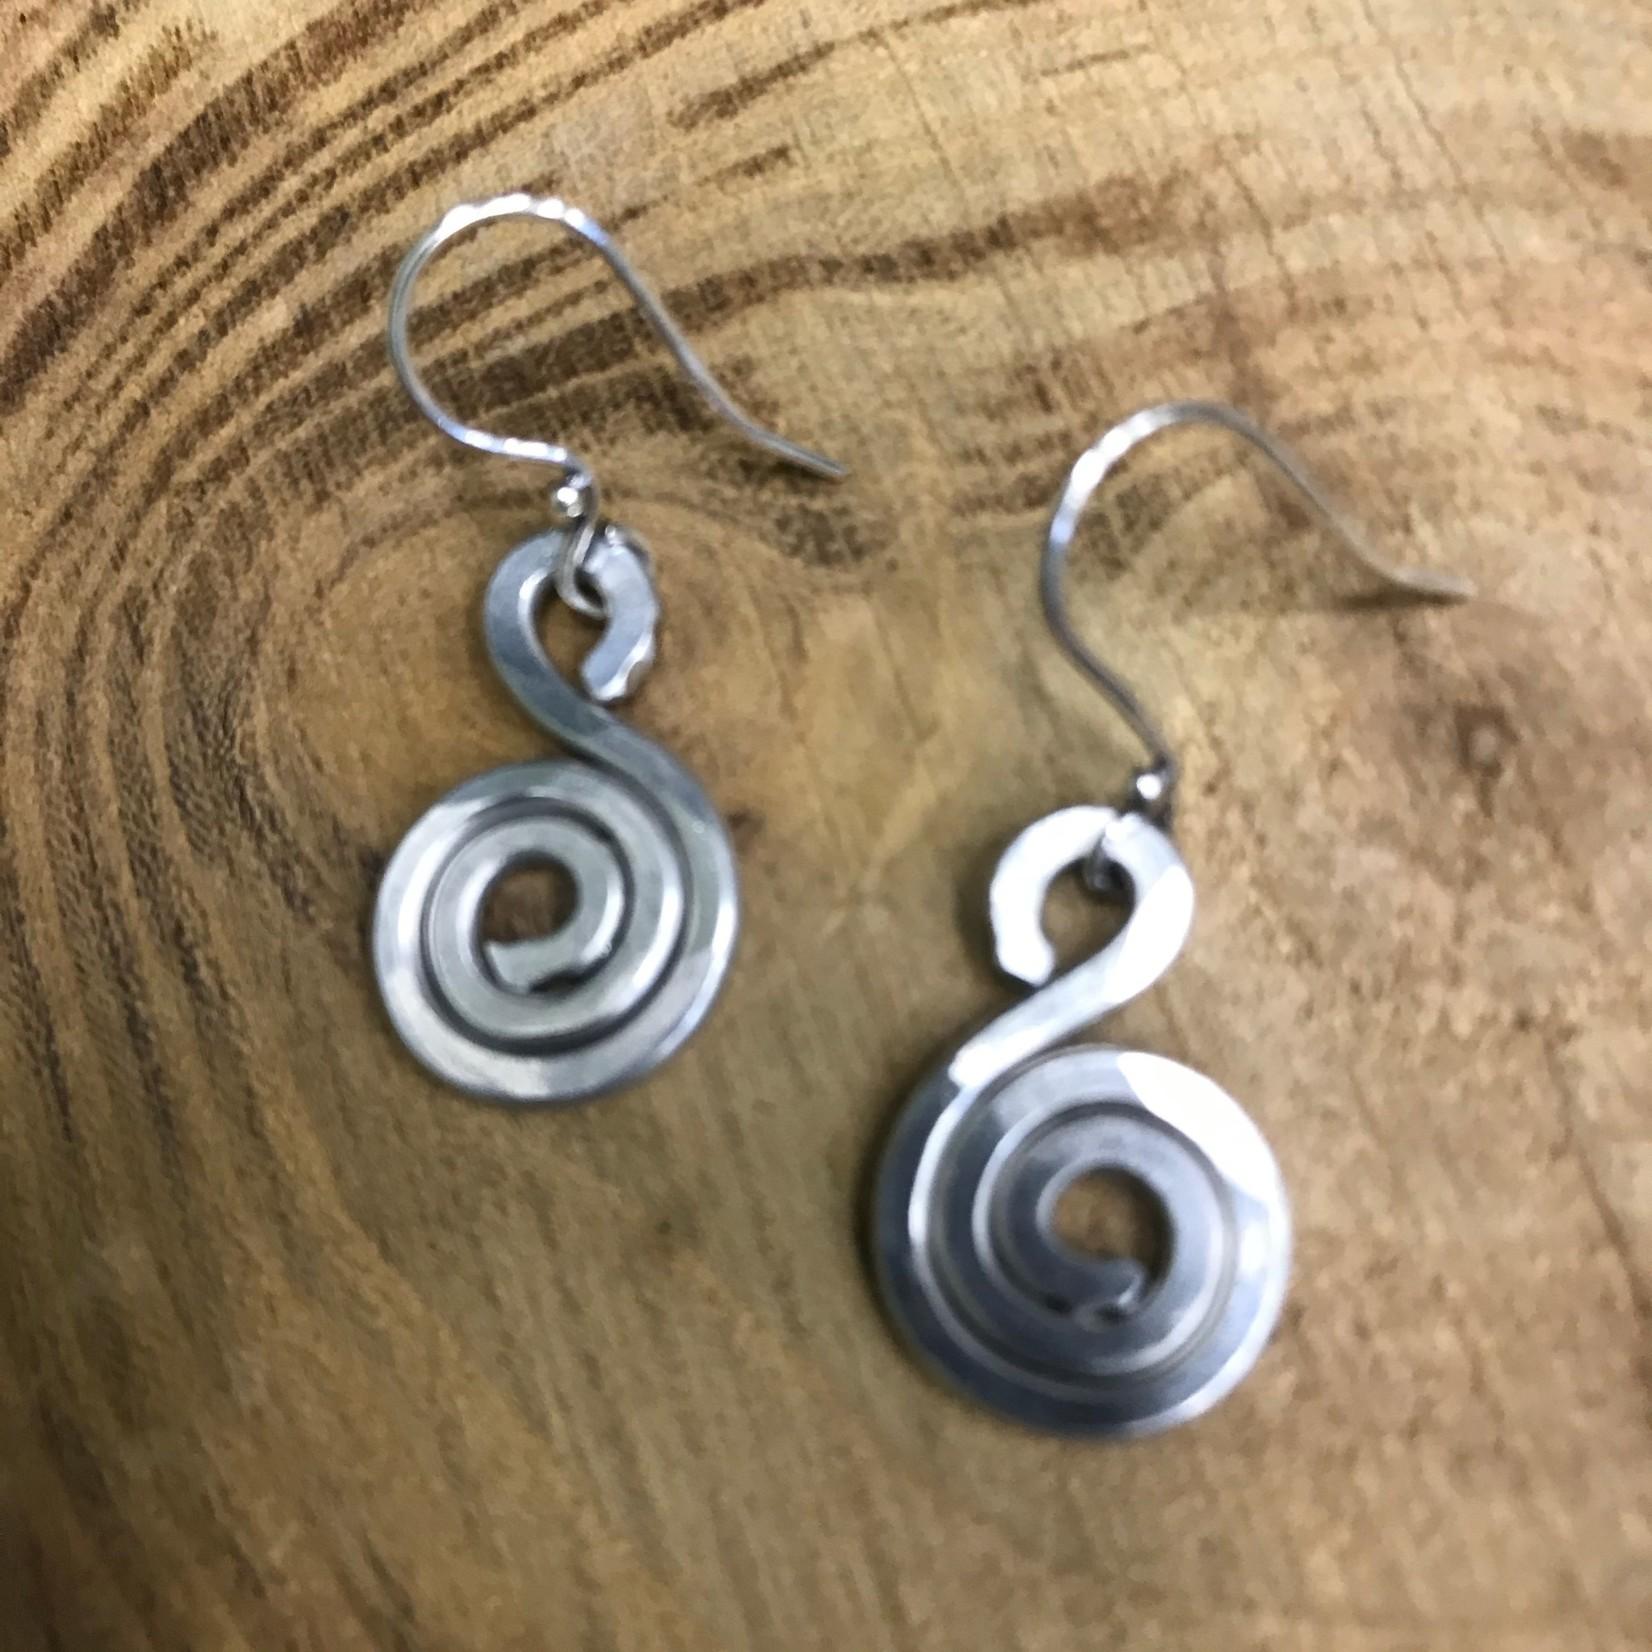 Julia Jones JMJ Designs Earrings 1020-8 SS Small Swirl